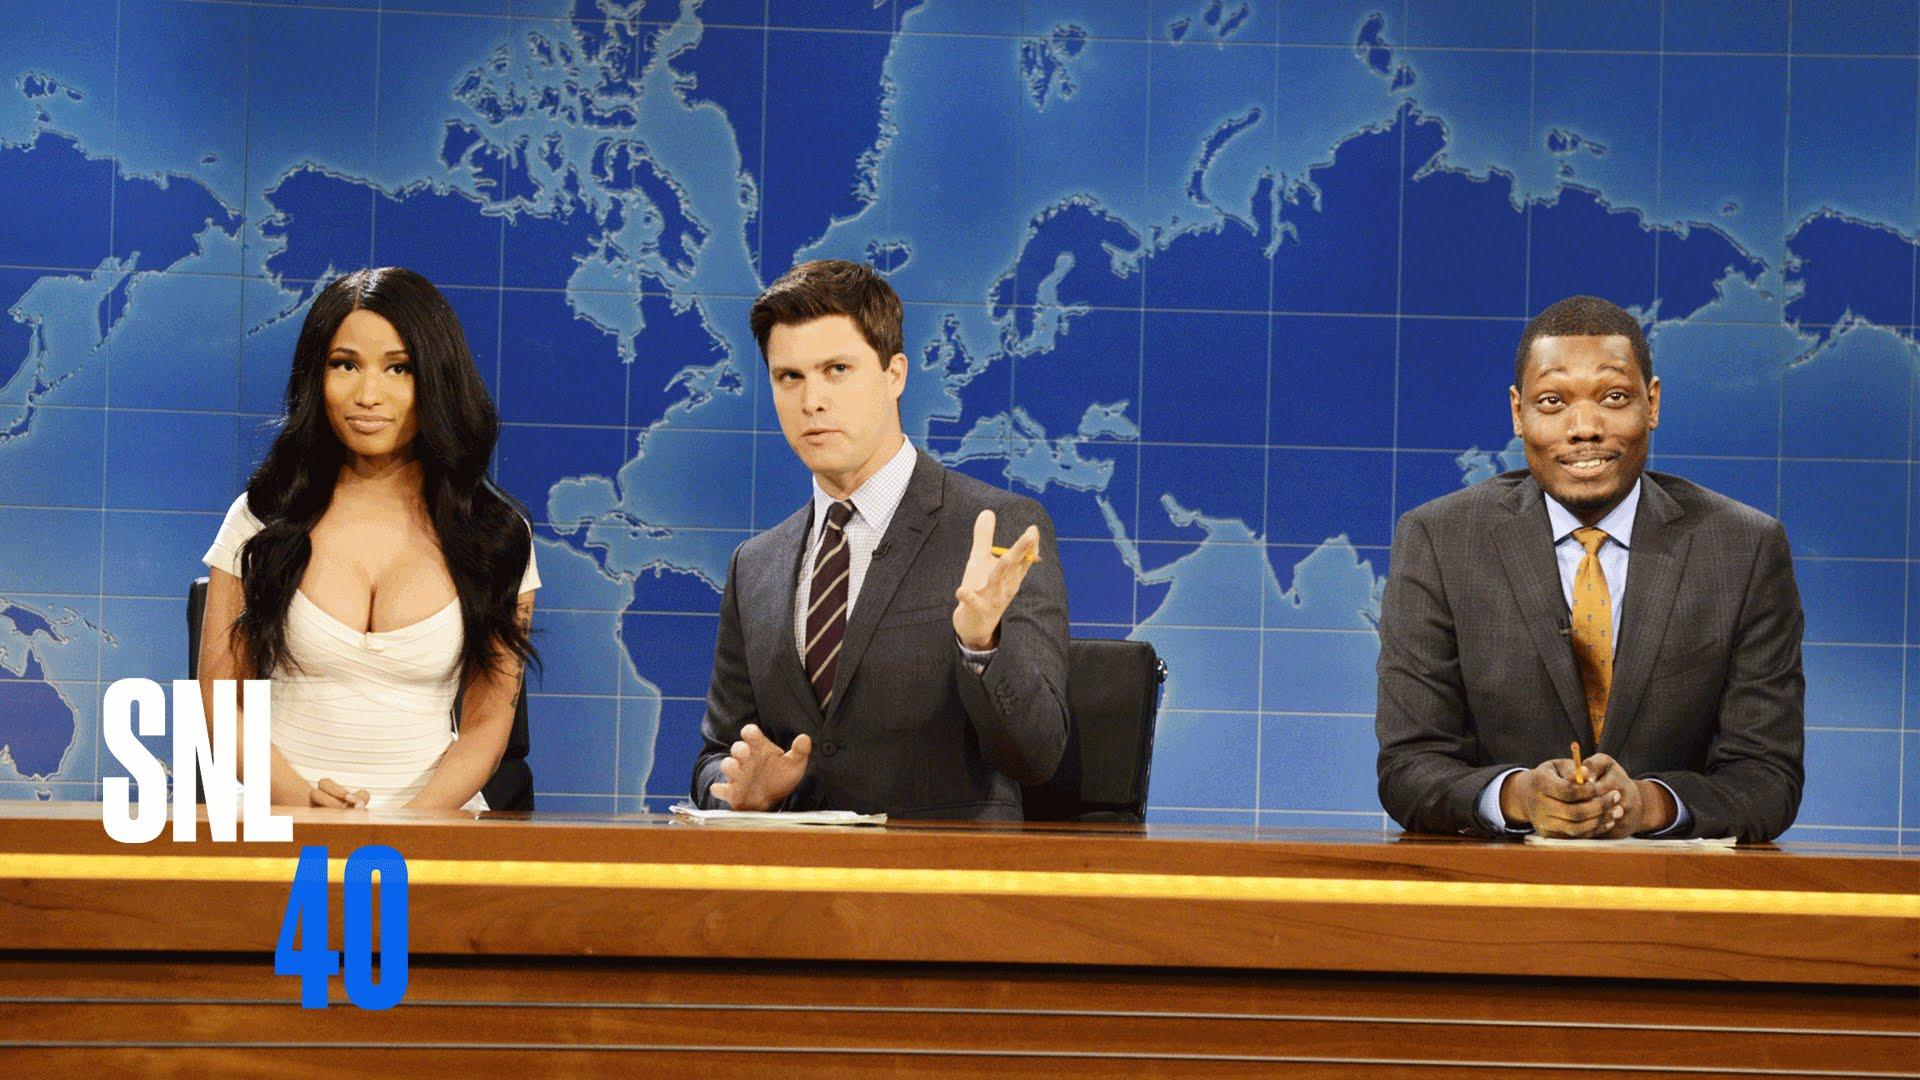 Childish Gambino, Kacey Musgraves and Nicki Minaj to close out Season 43 of 'SNL'